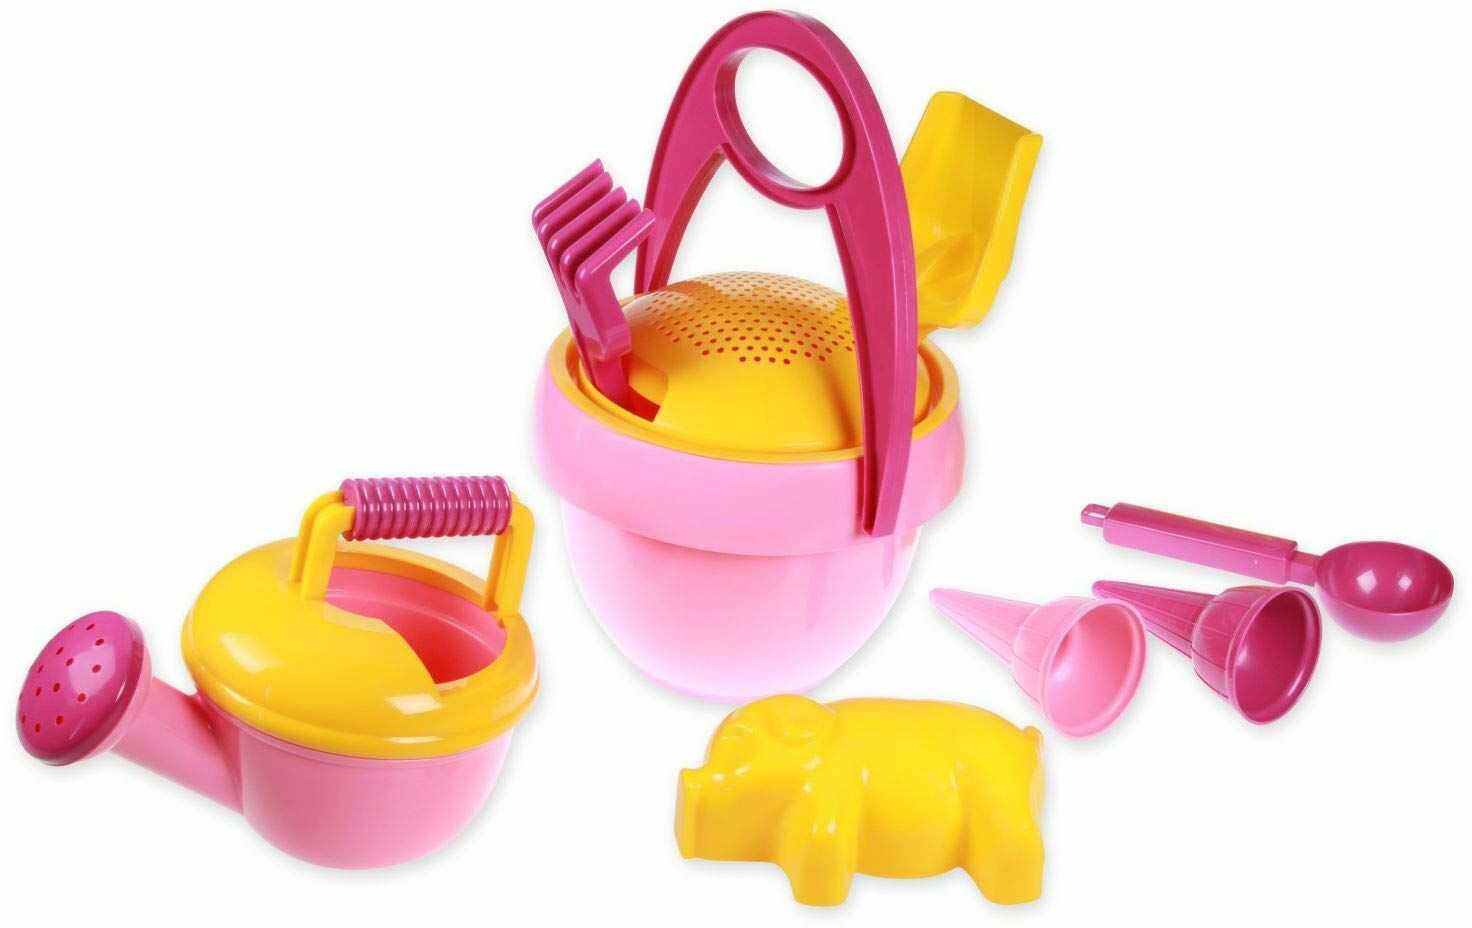 Lena 5421 piaskowa zabawka, różowa, żółta